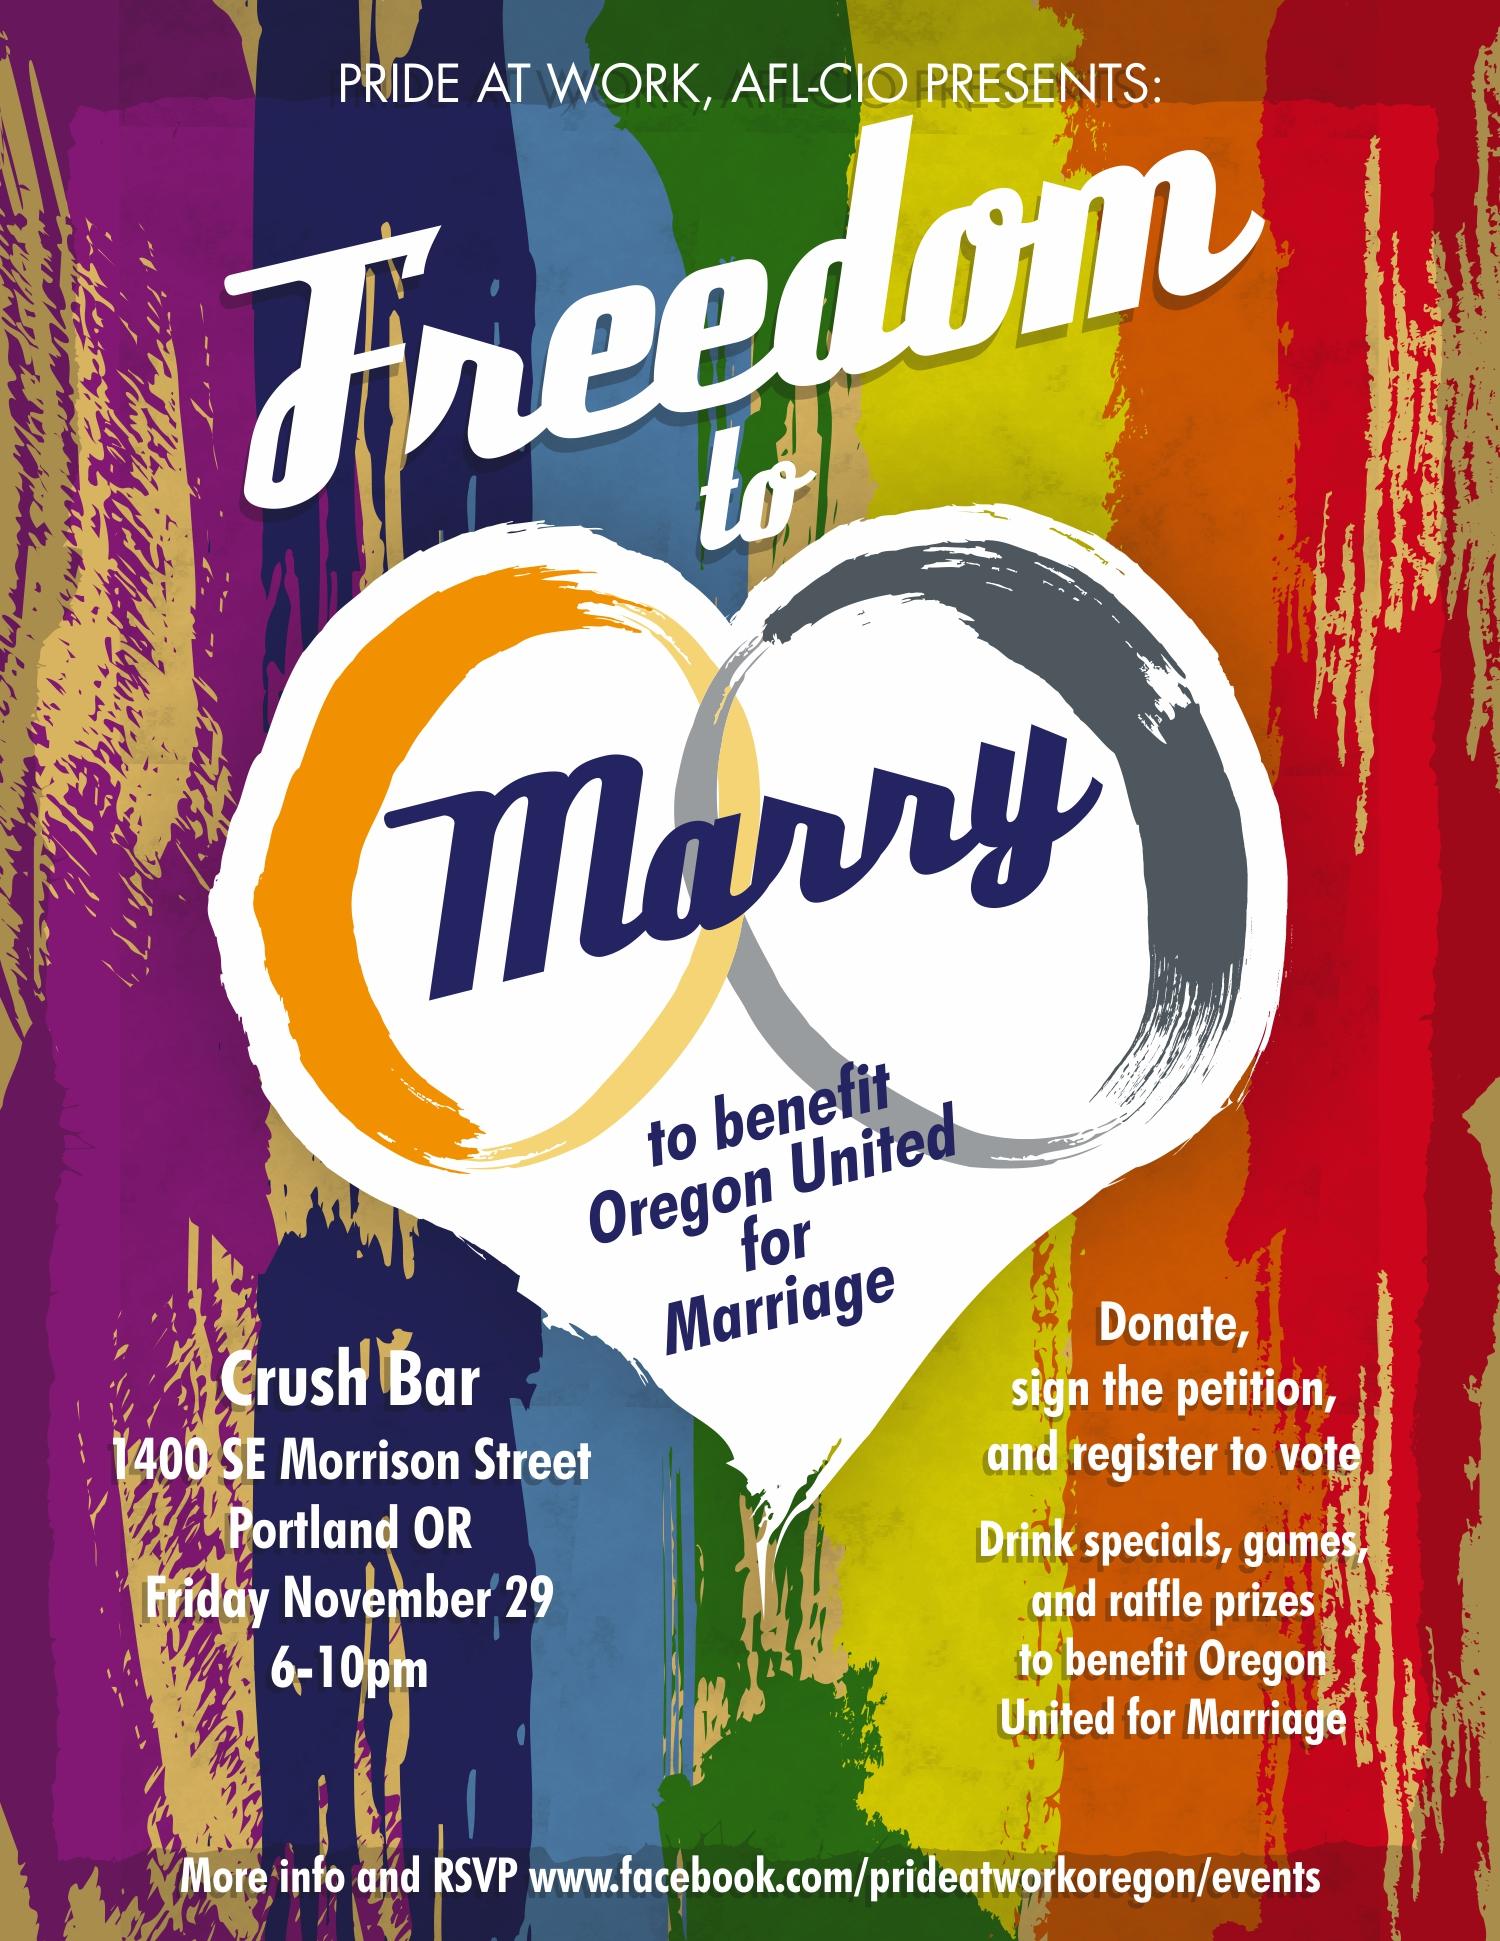 PrideatWorkFreedomtoMarry.jpg